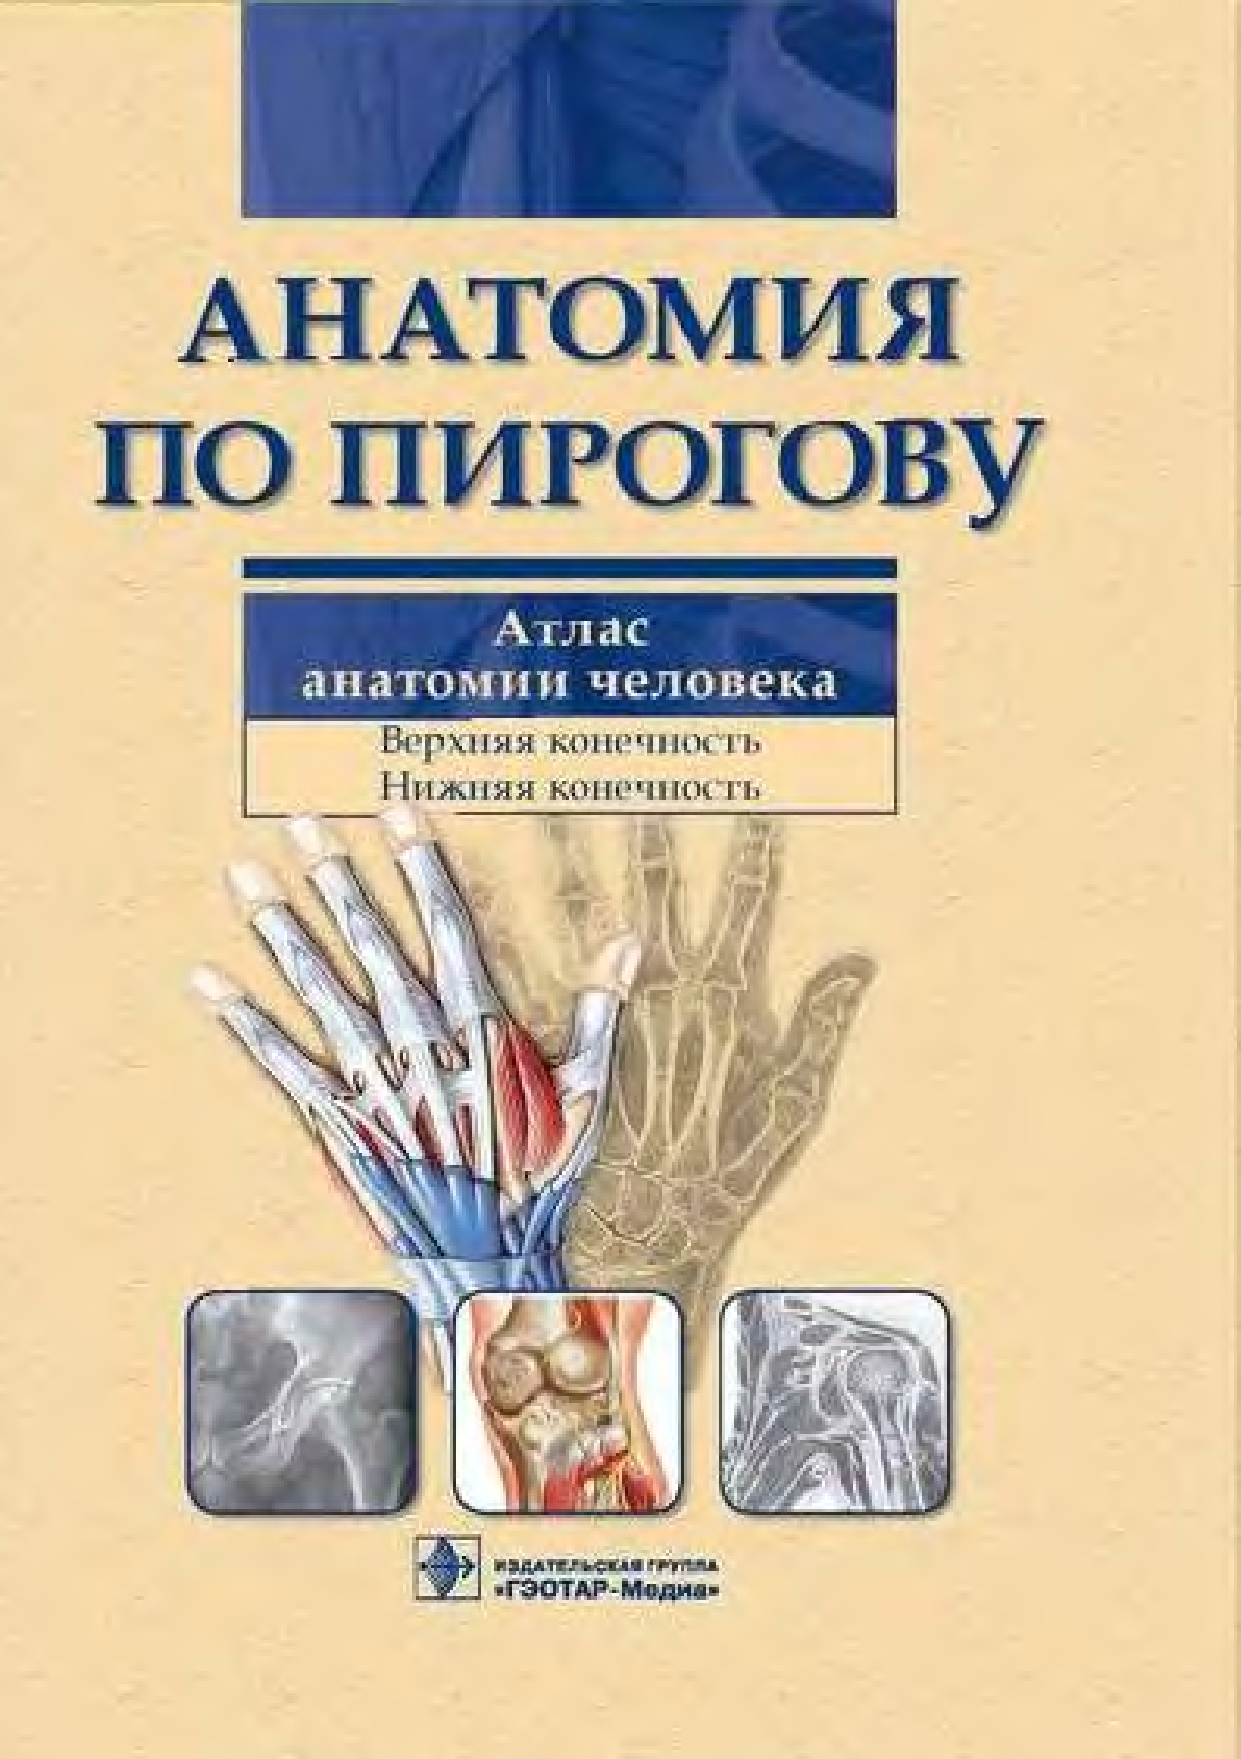 АТЛАС ЛУЧЕВОЙ АНАТОМИИ ЧЕЛОВЕКА ФИЛИМОНОВ СКАЧАТЬ БЕСПЛАТНО